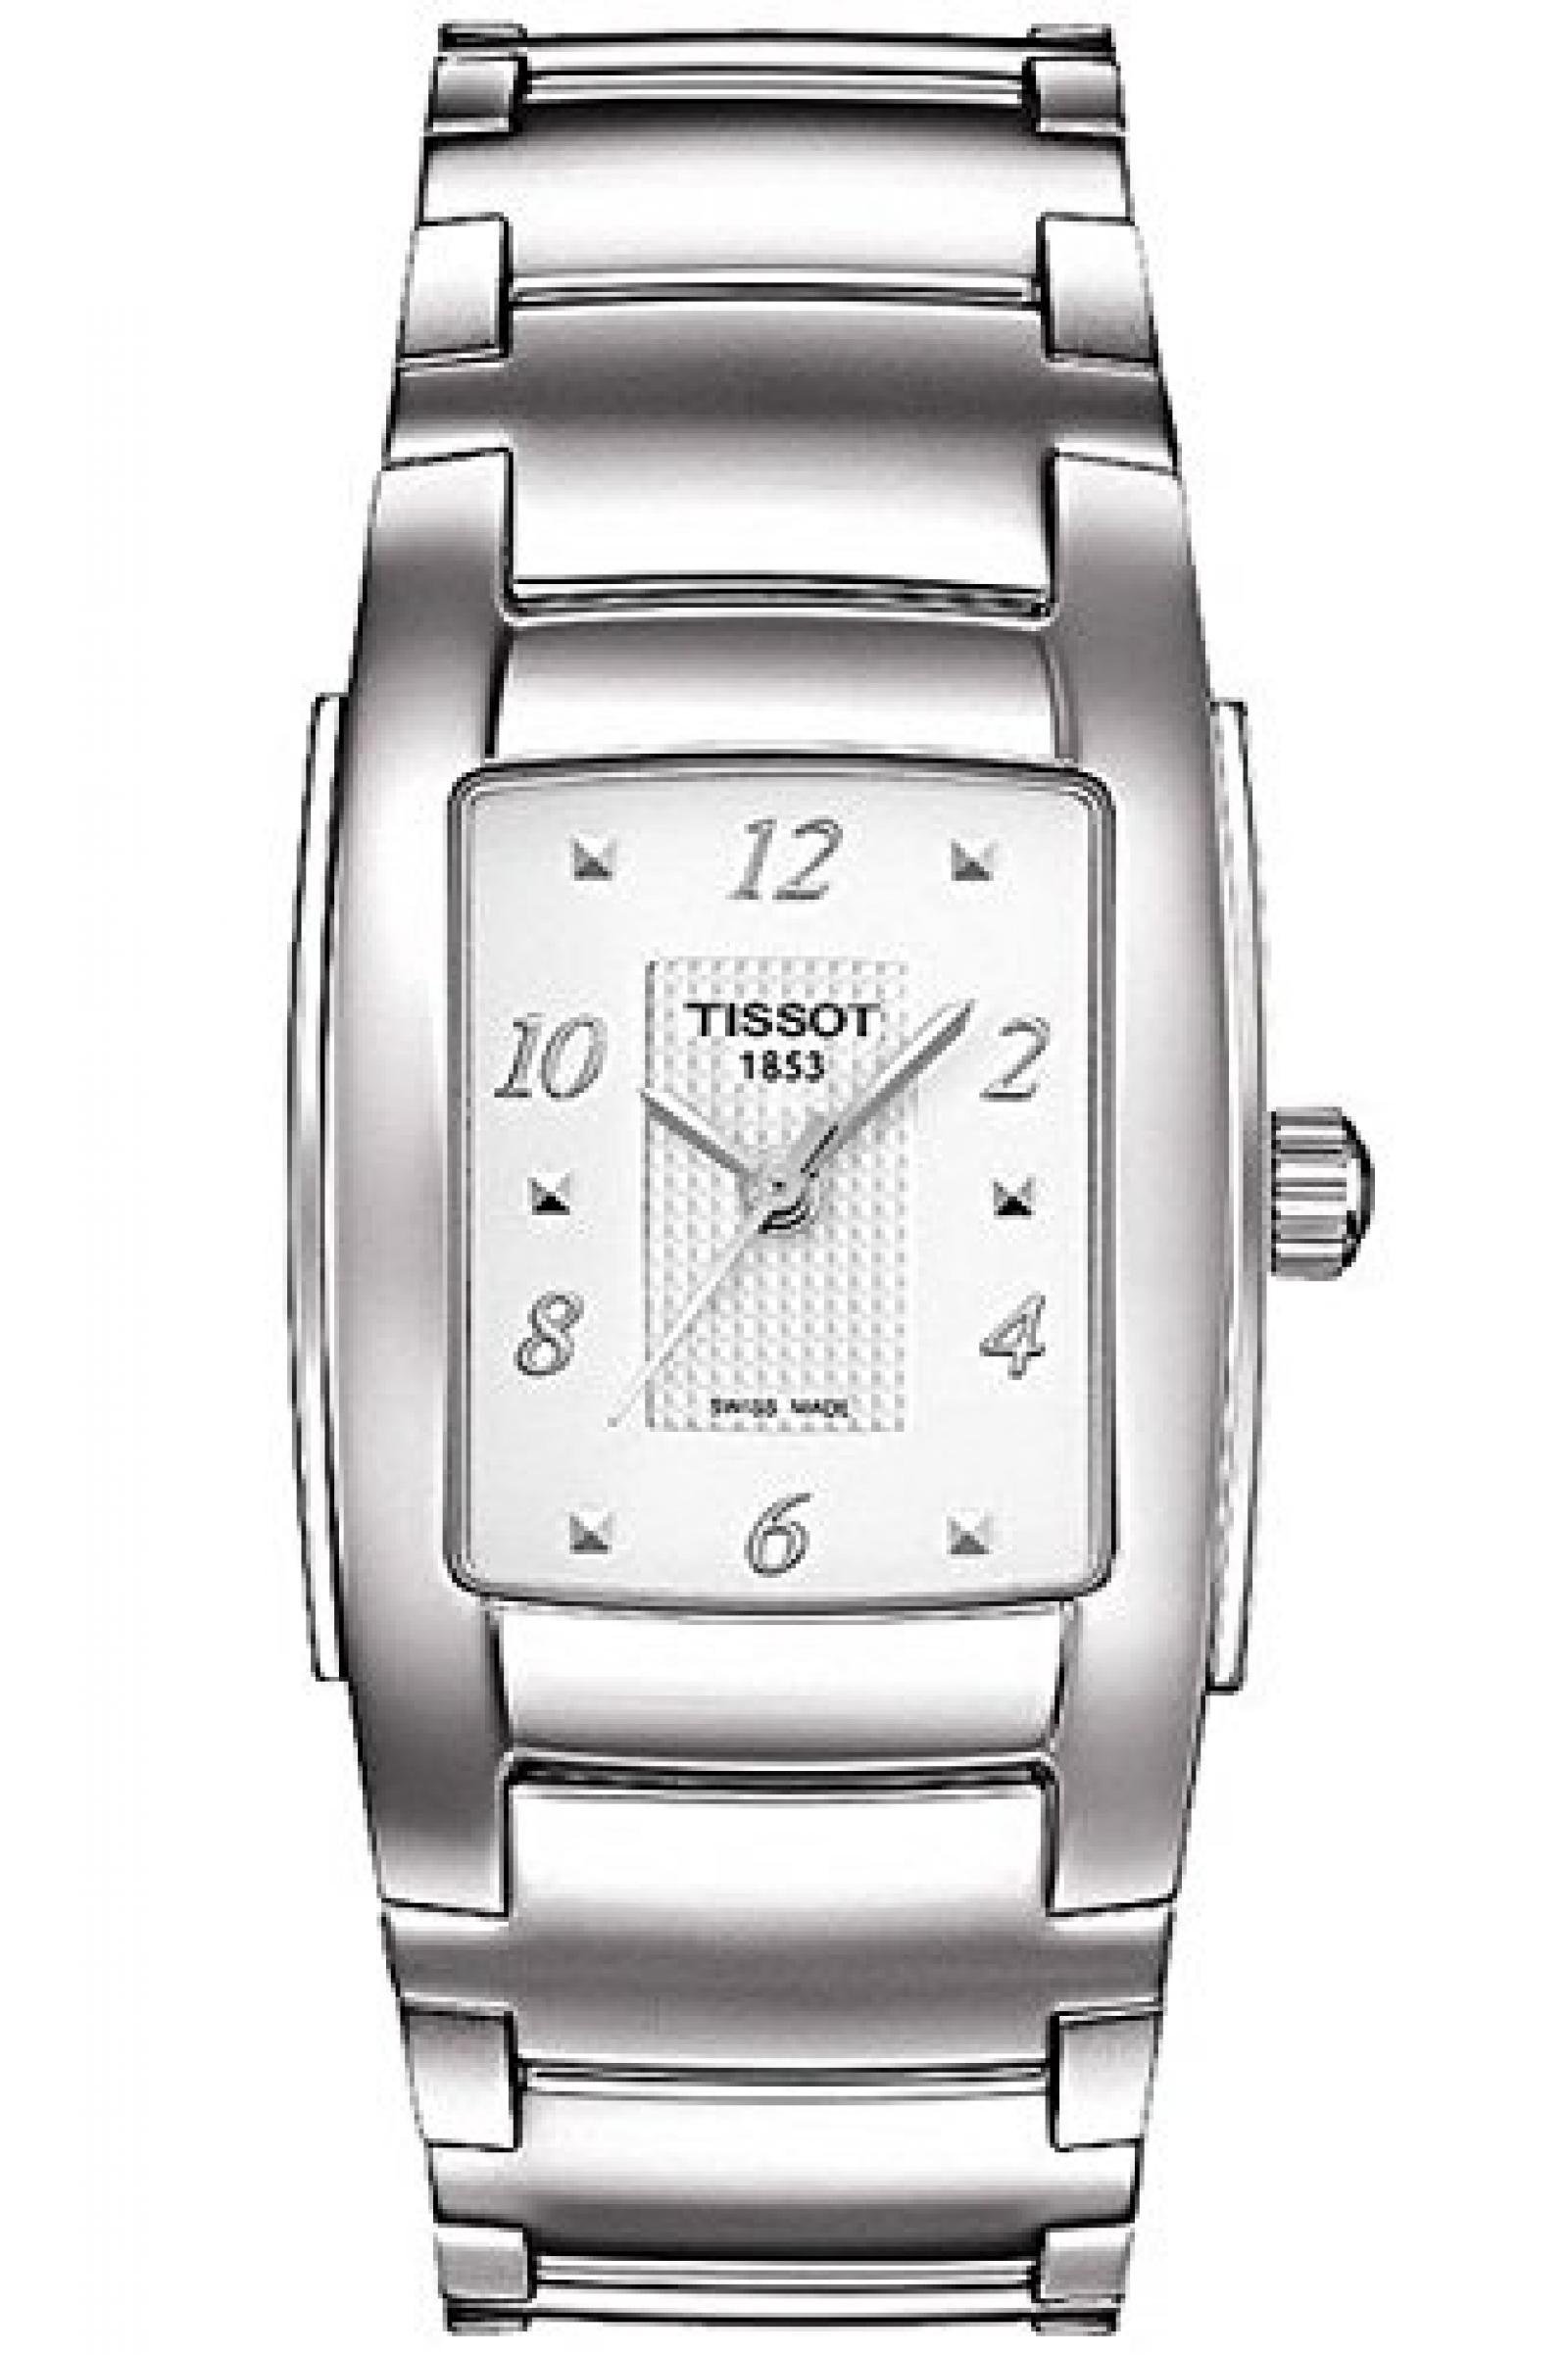 Tissot T-Trend T10 T073.310.11.017.00